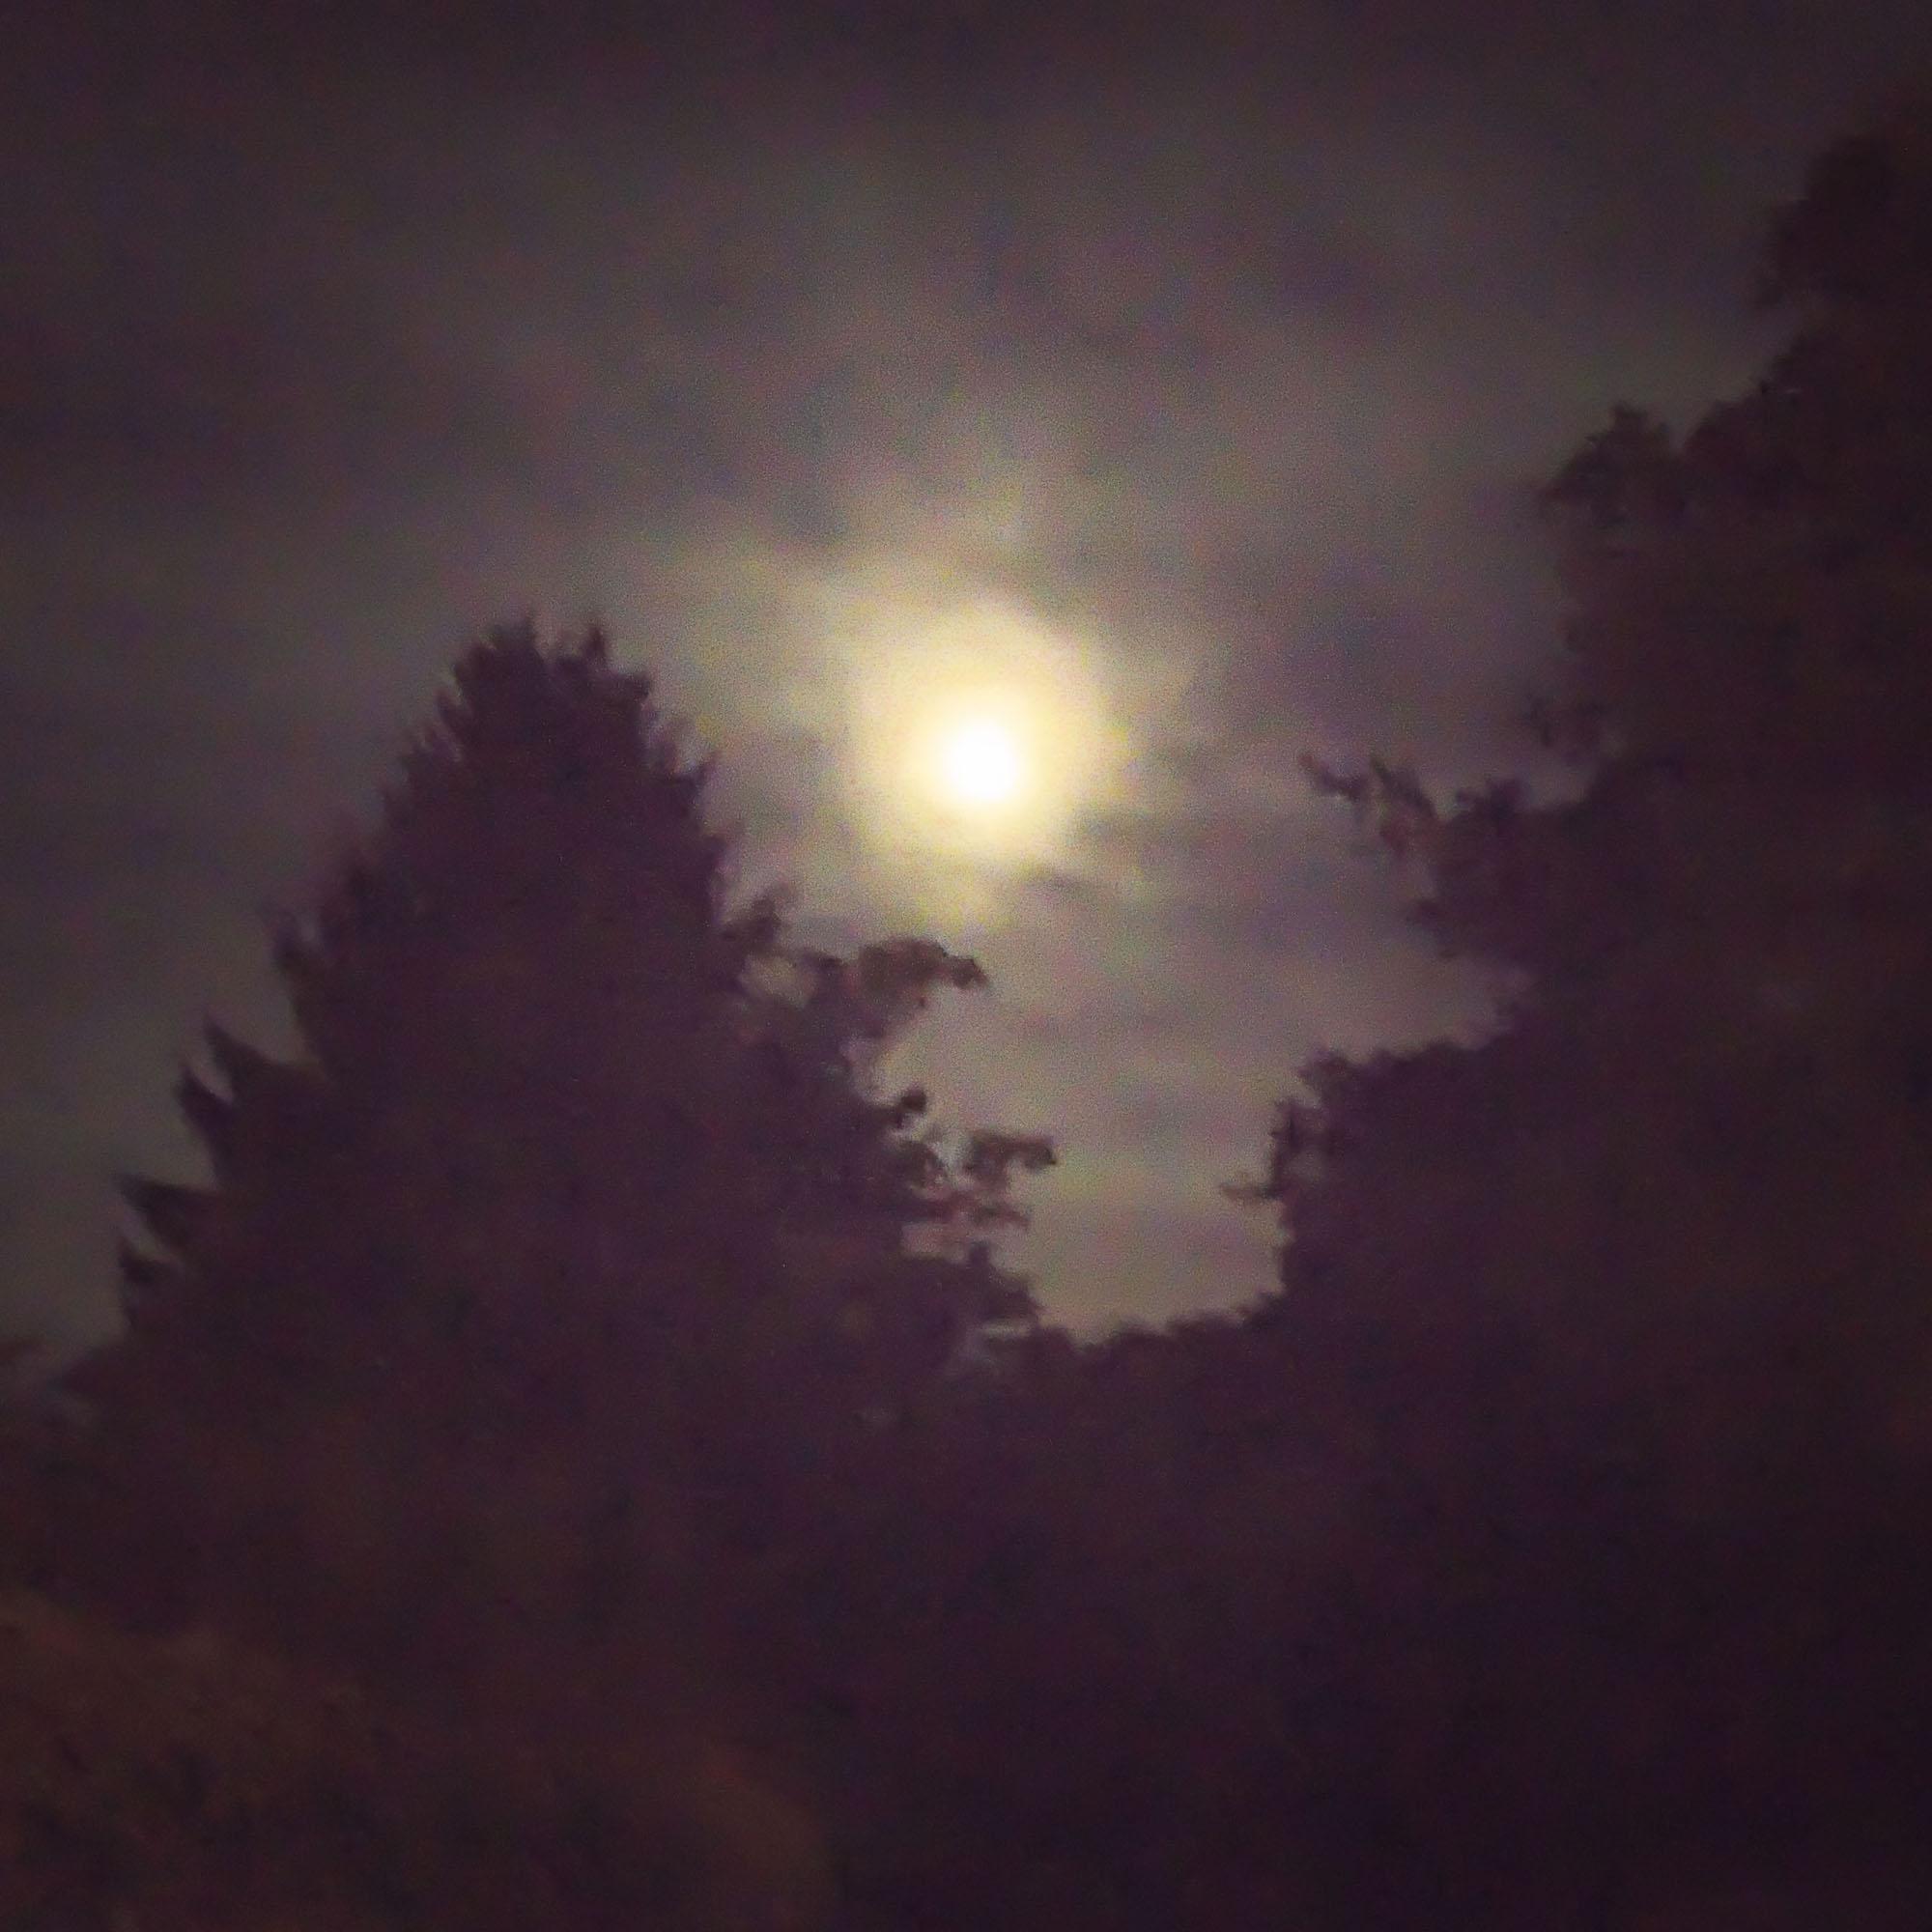 Nightfall_05